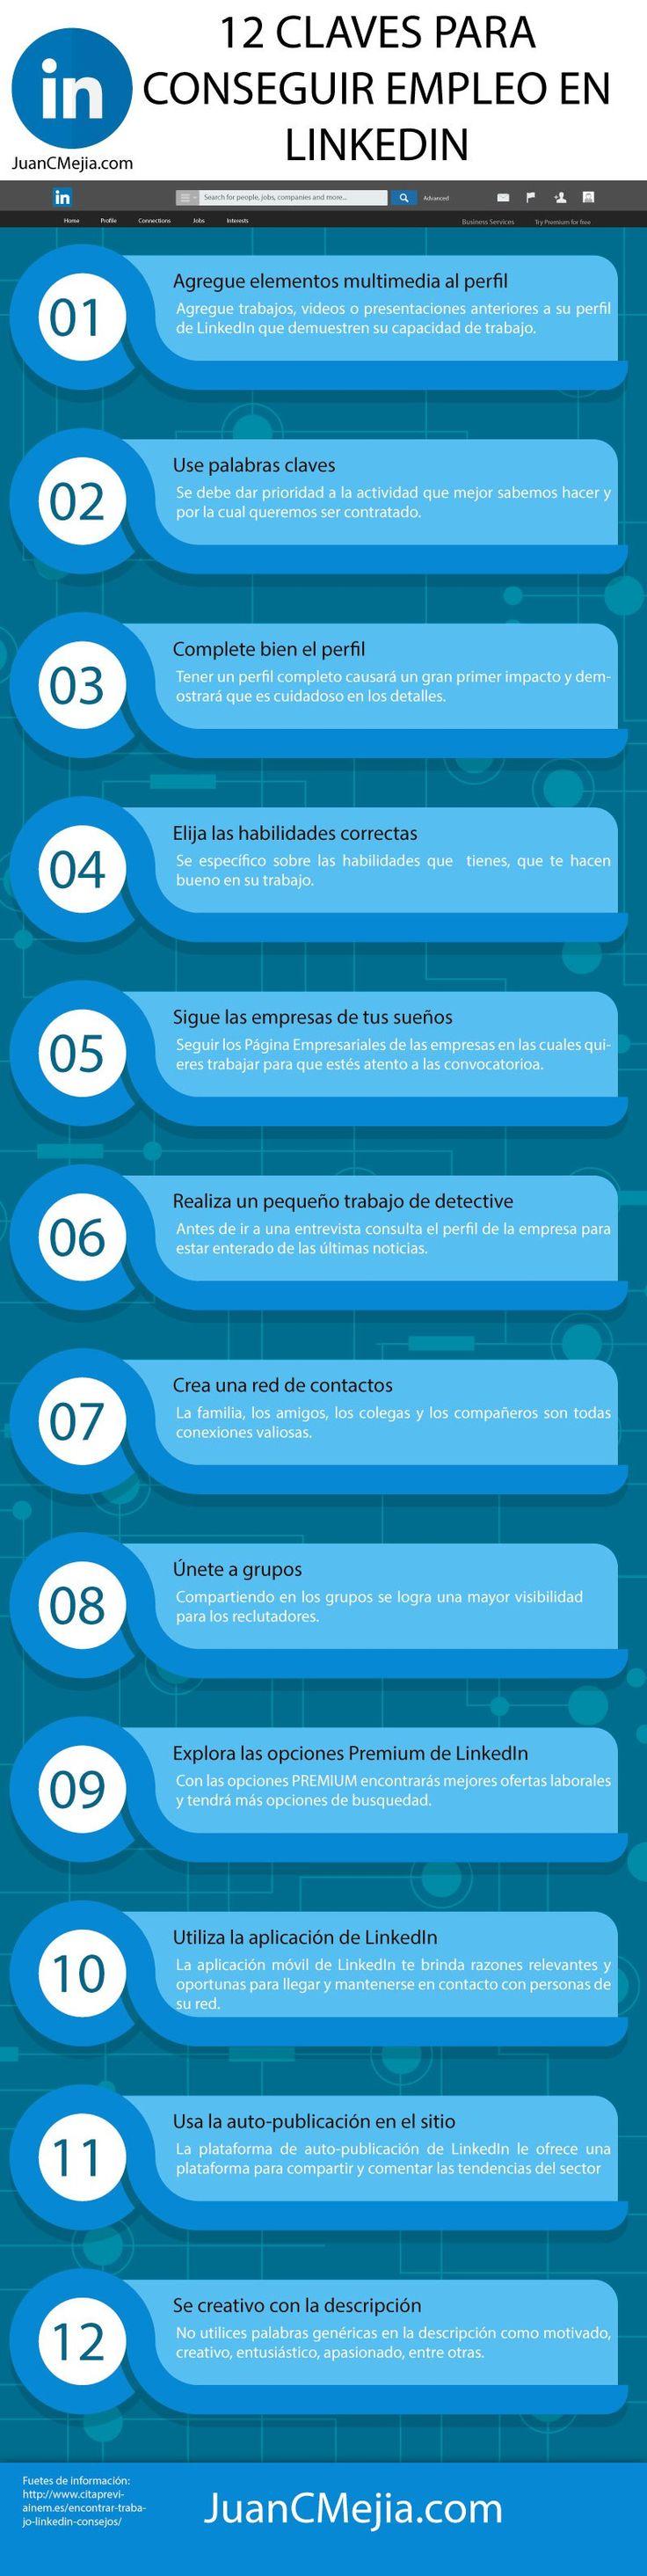 12 claves para conseguir empleo en LinkedIn #infografia